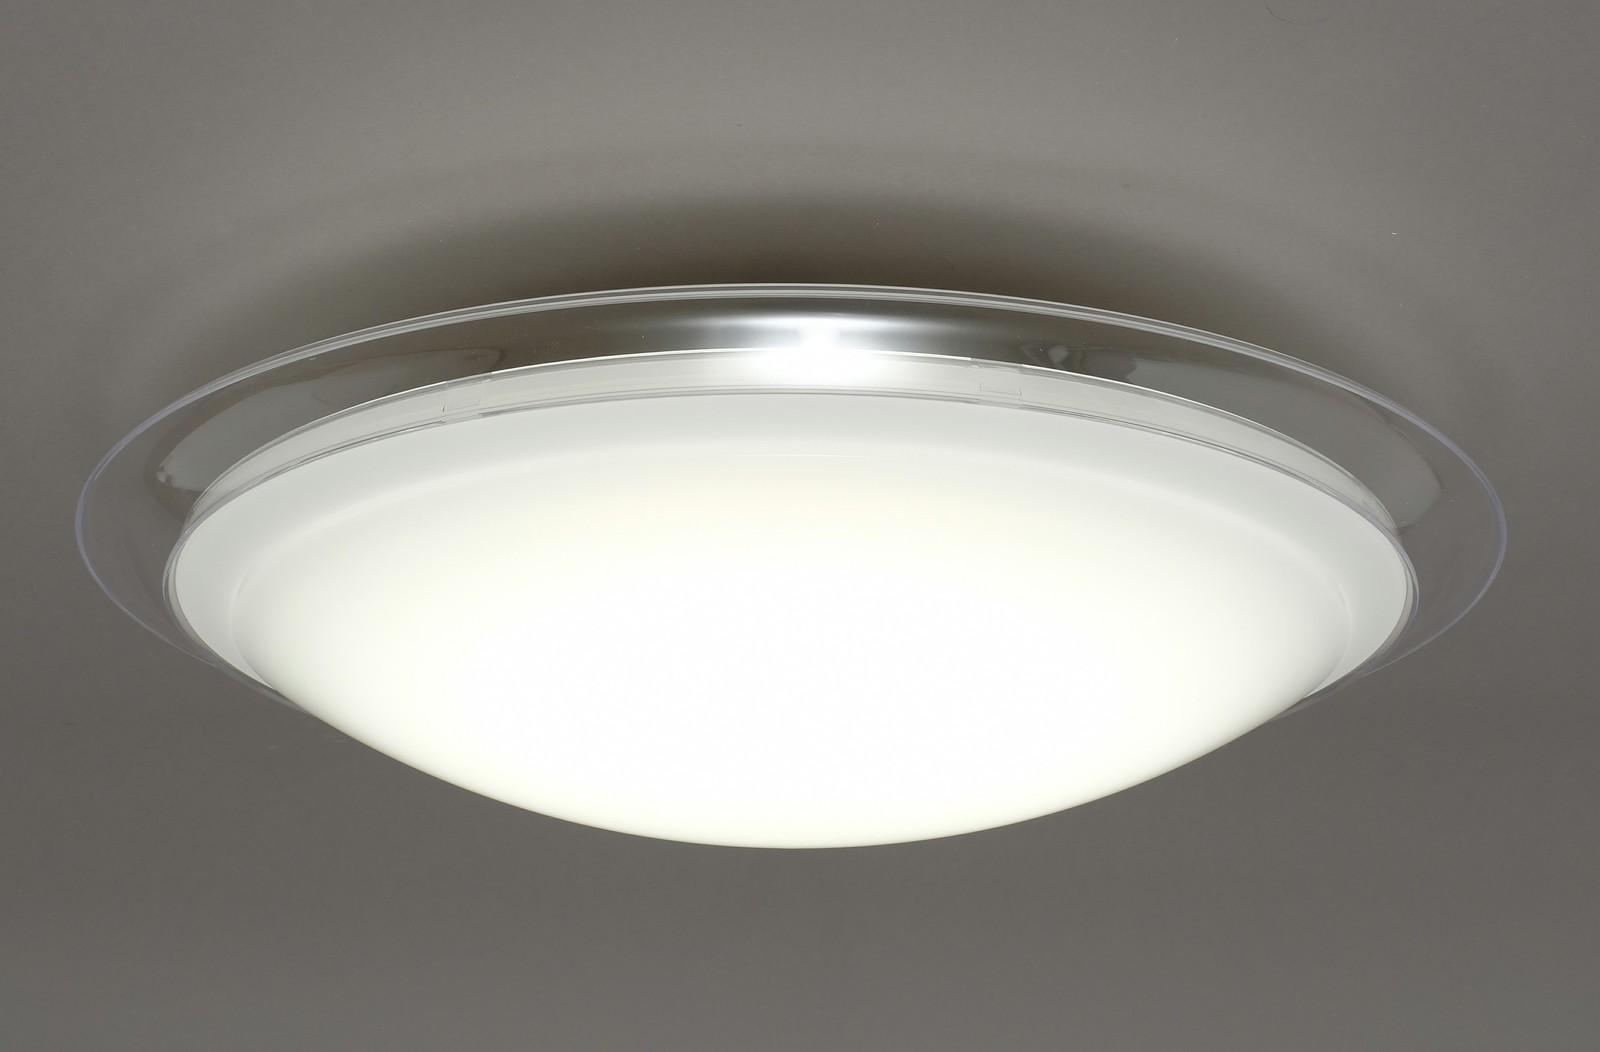 【大型便・時間指定不可】アイリスオーヤマ LEDシーリングライト メタルサーキットシリーズ デザインフレームタイプ 12畳 調光 CL12D-FRM